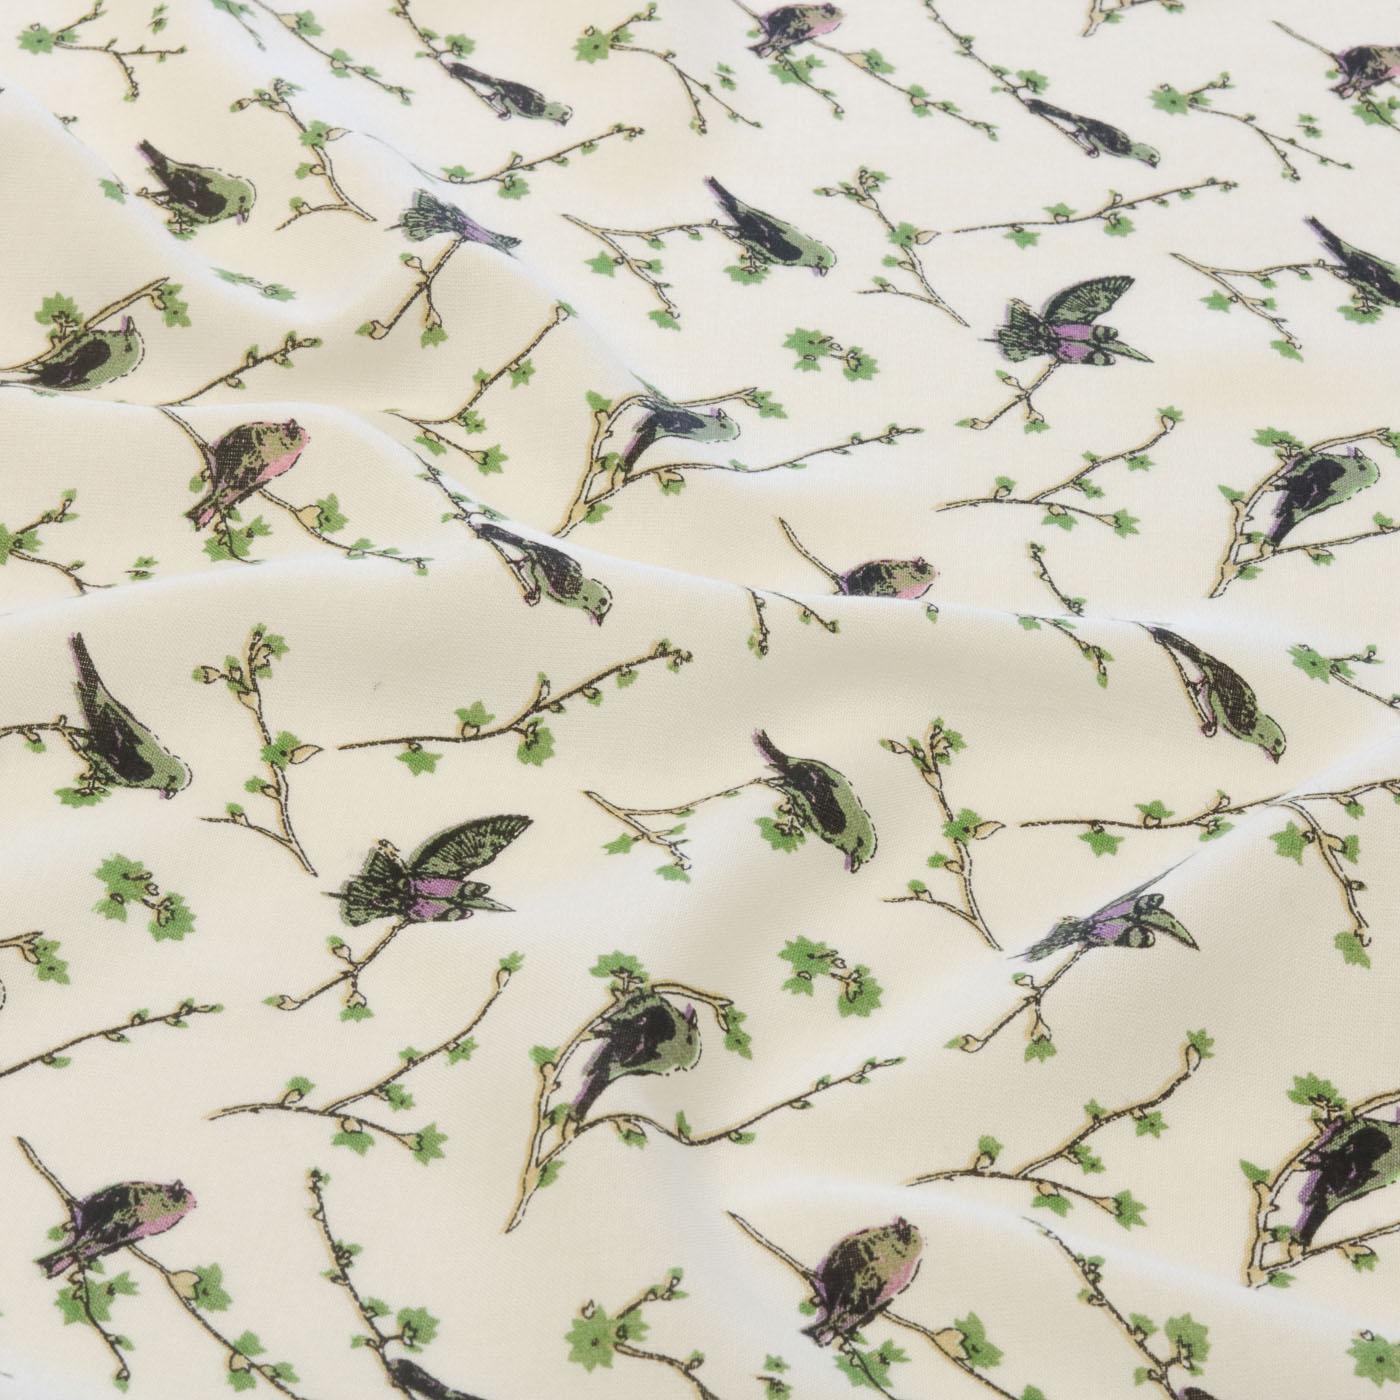 Tecido Viscose Estampado Pássaros 100% Viscose Creme